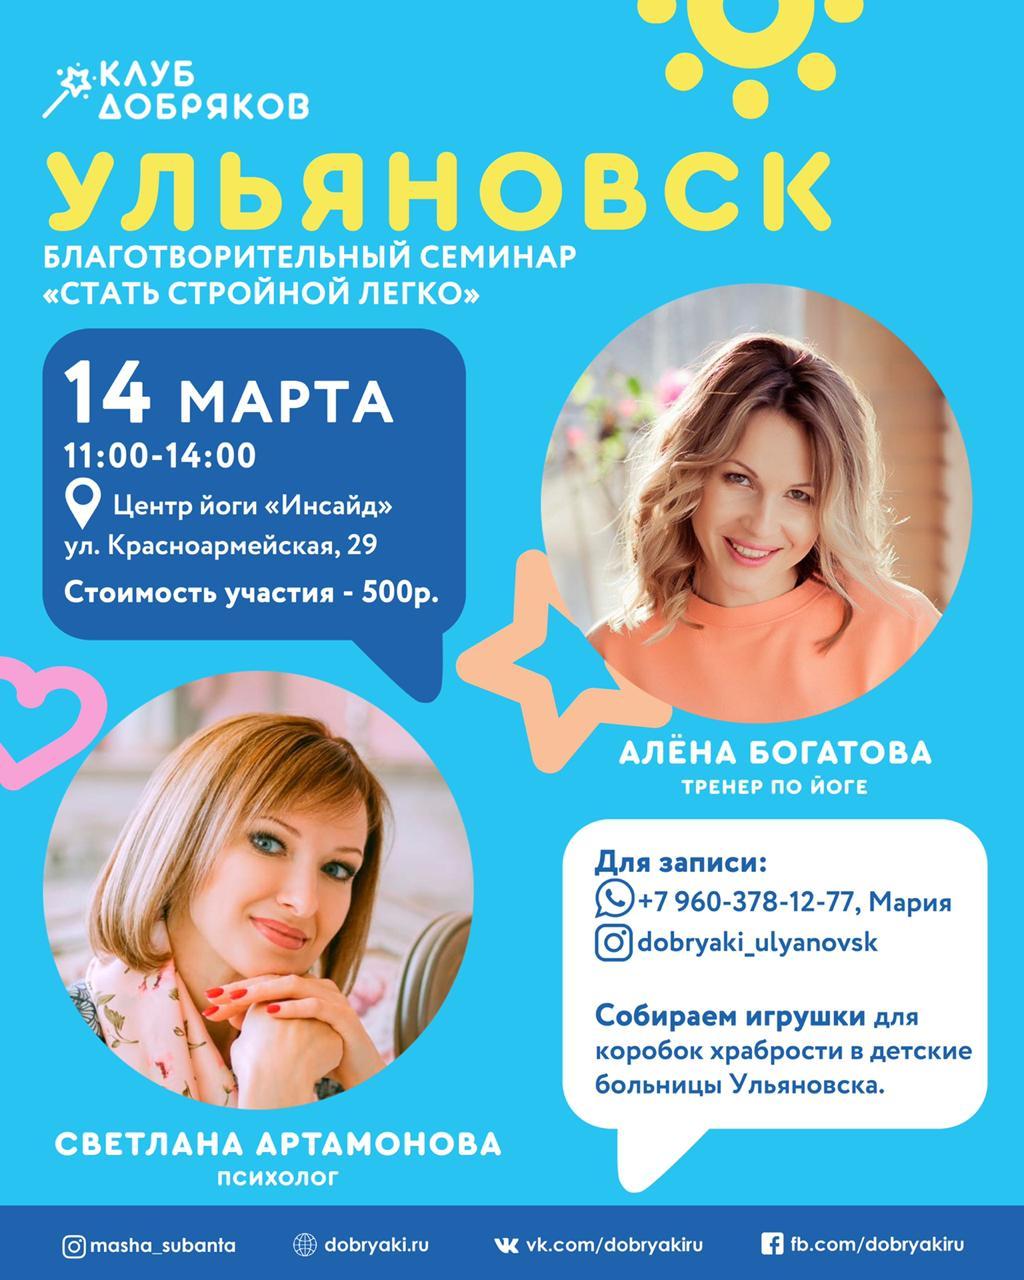 В Ульяновске состоится благотворительный семинар «Стать стройной легко»